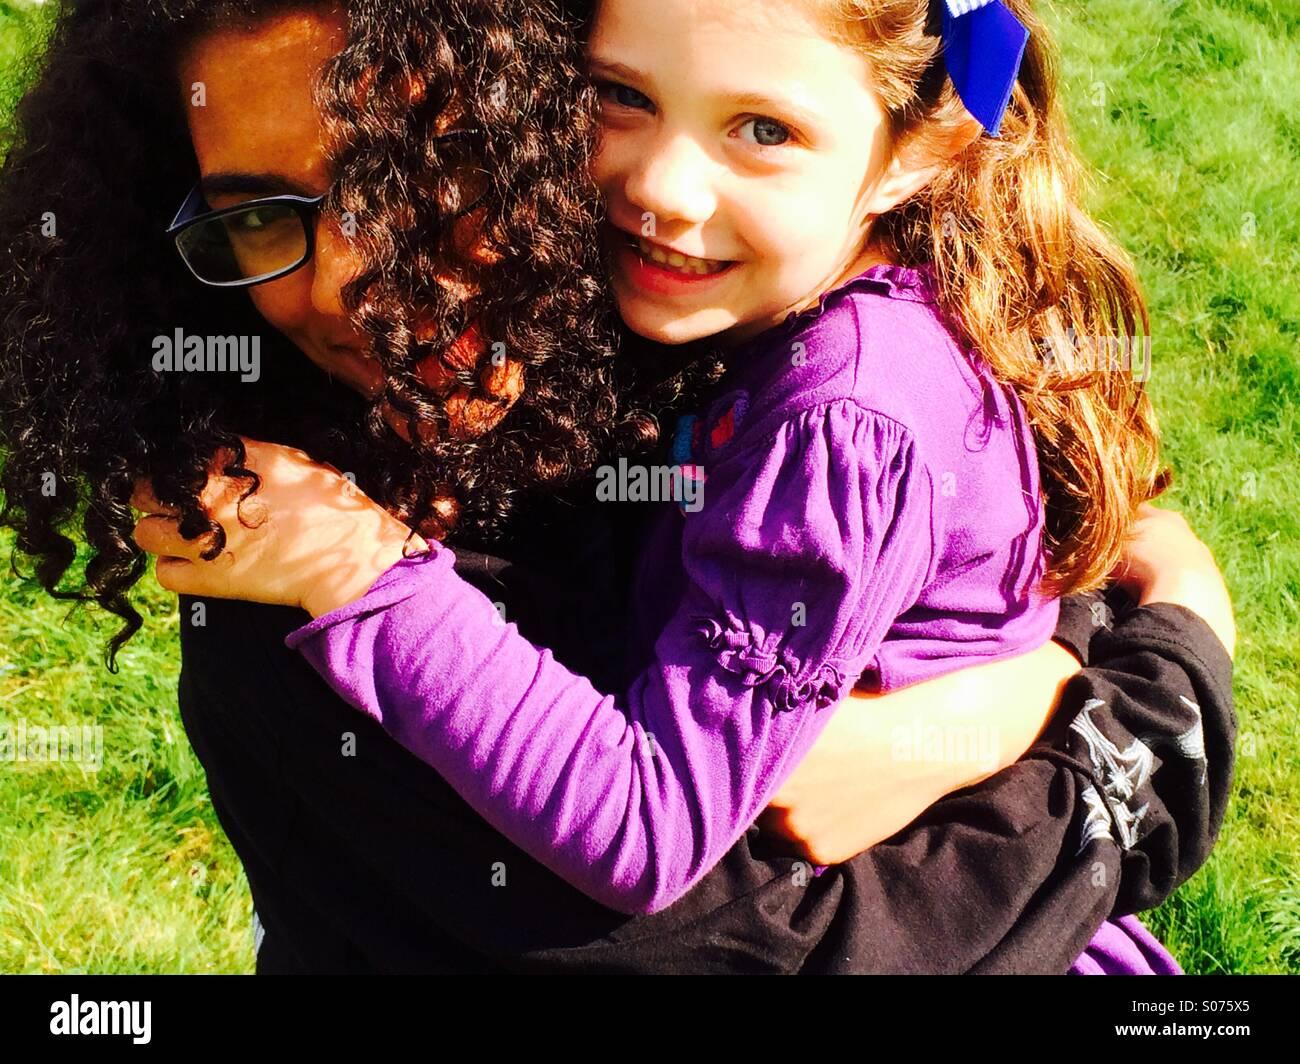 13 ans, fille et garçon de 5 ans girl hugging Photo Stock